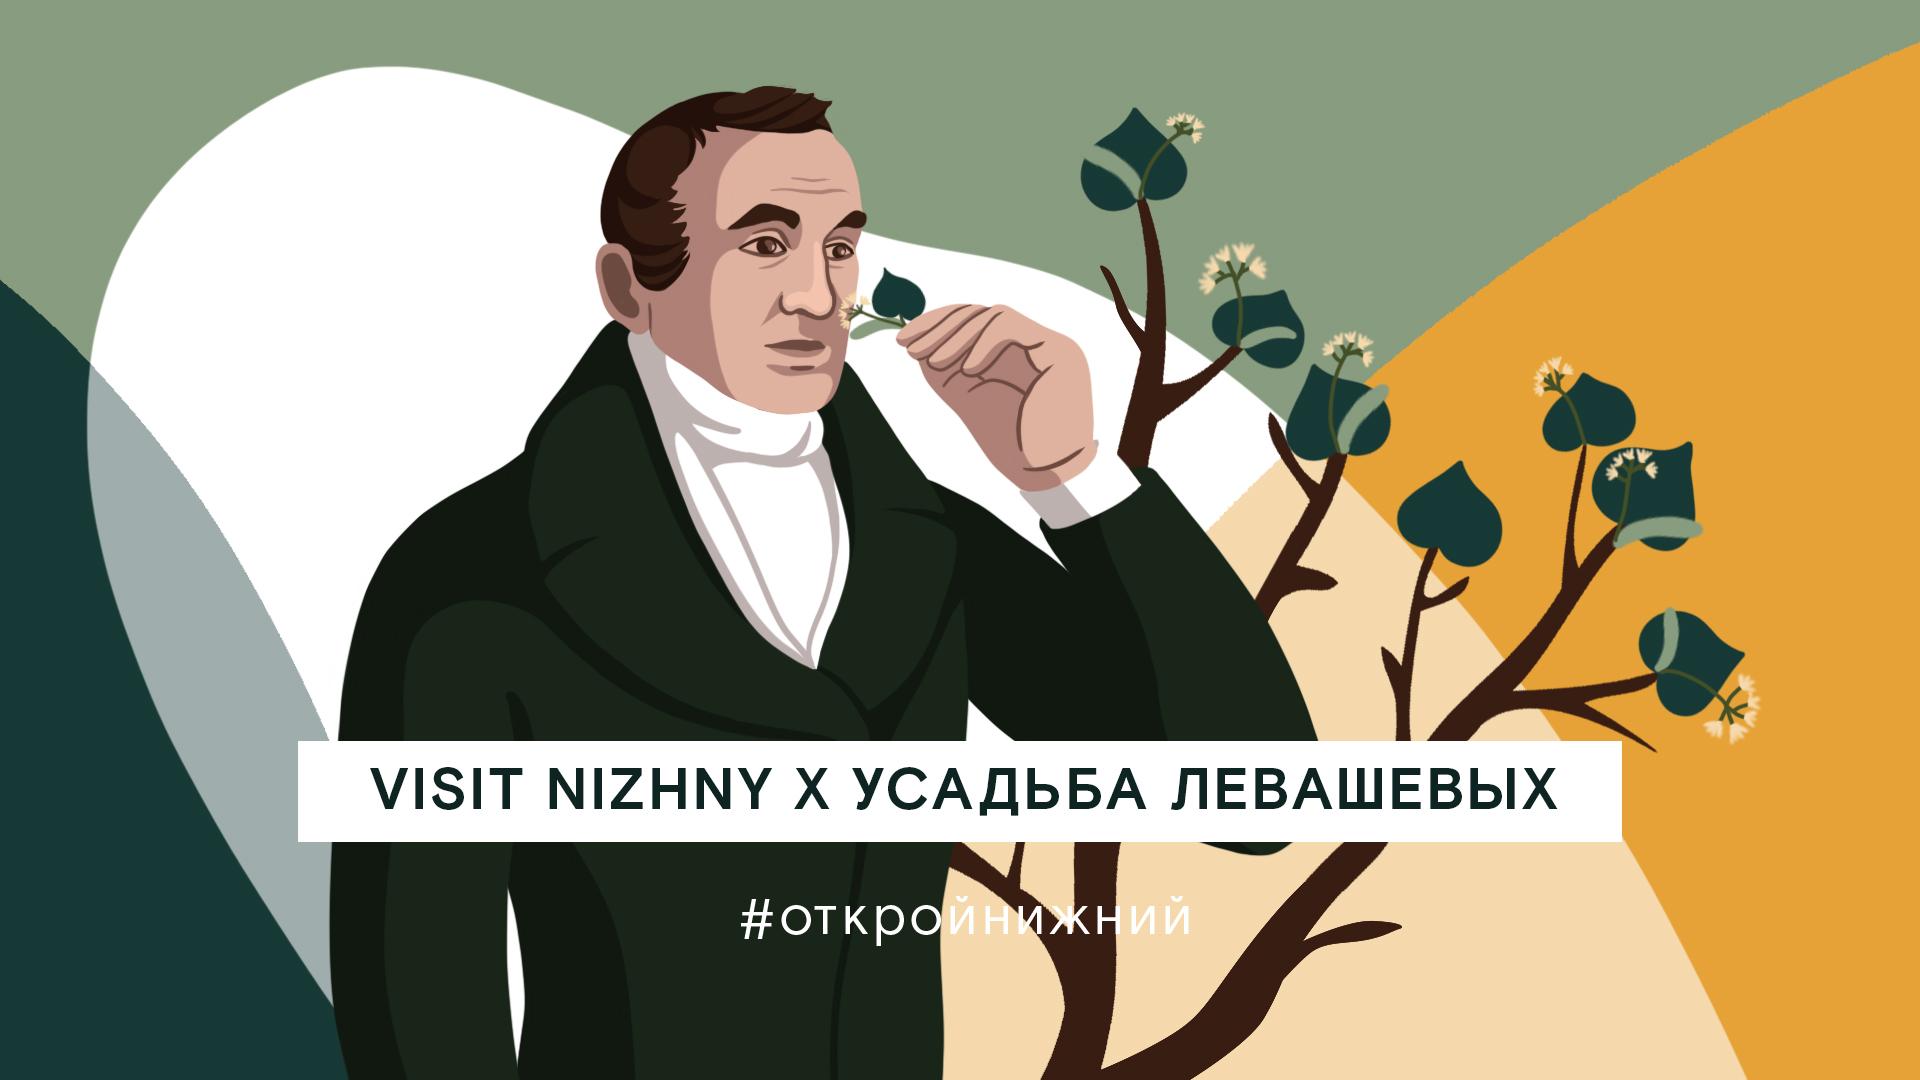 Посетить усадьбу Левашевых в Воскресенском районе Нижегородской области теперь можно в виртуальном режиме